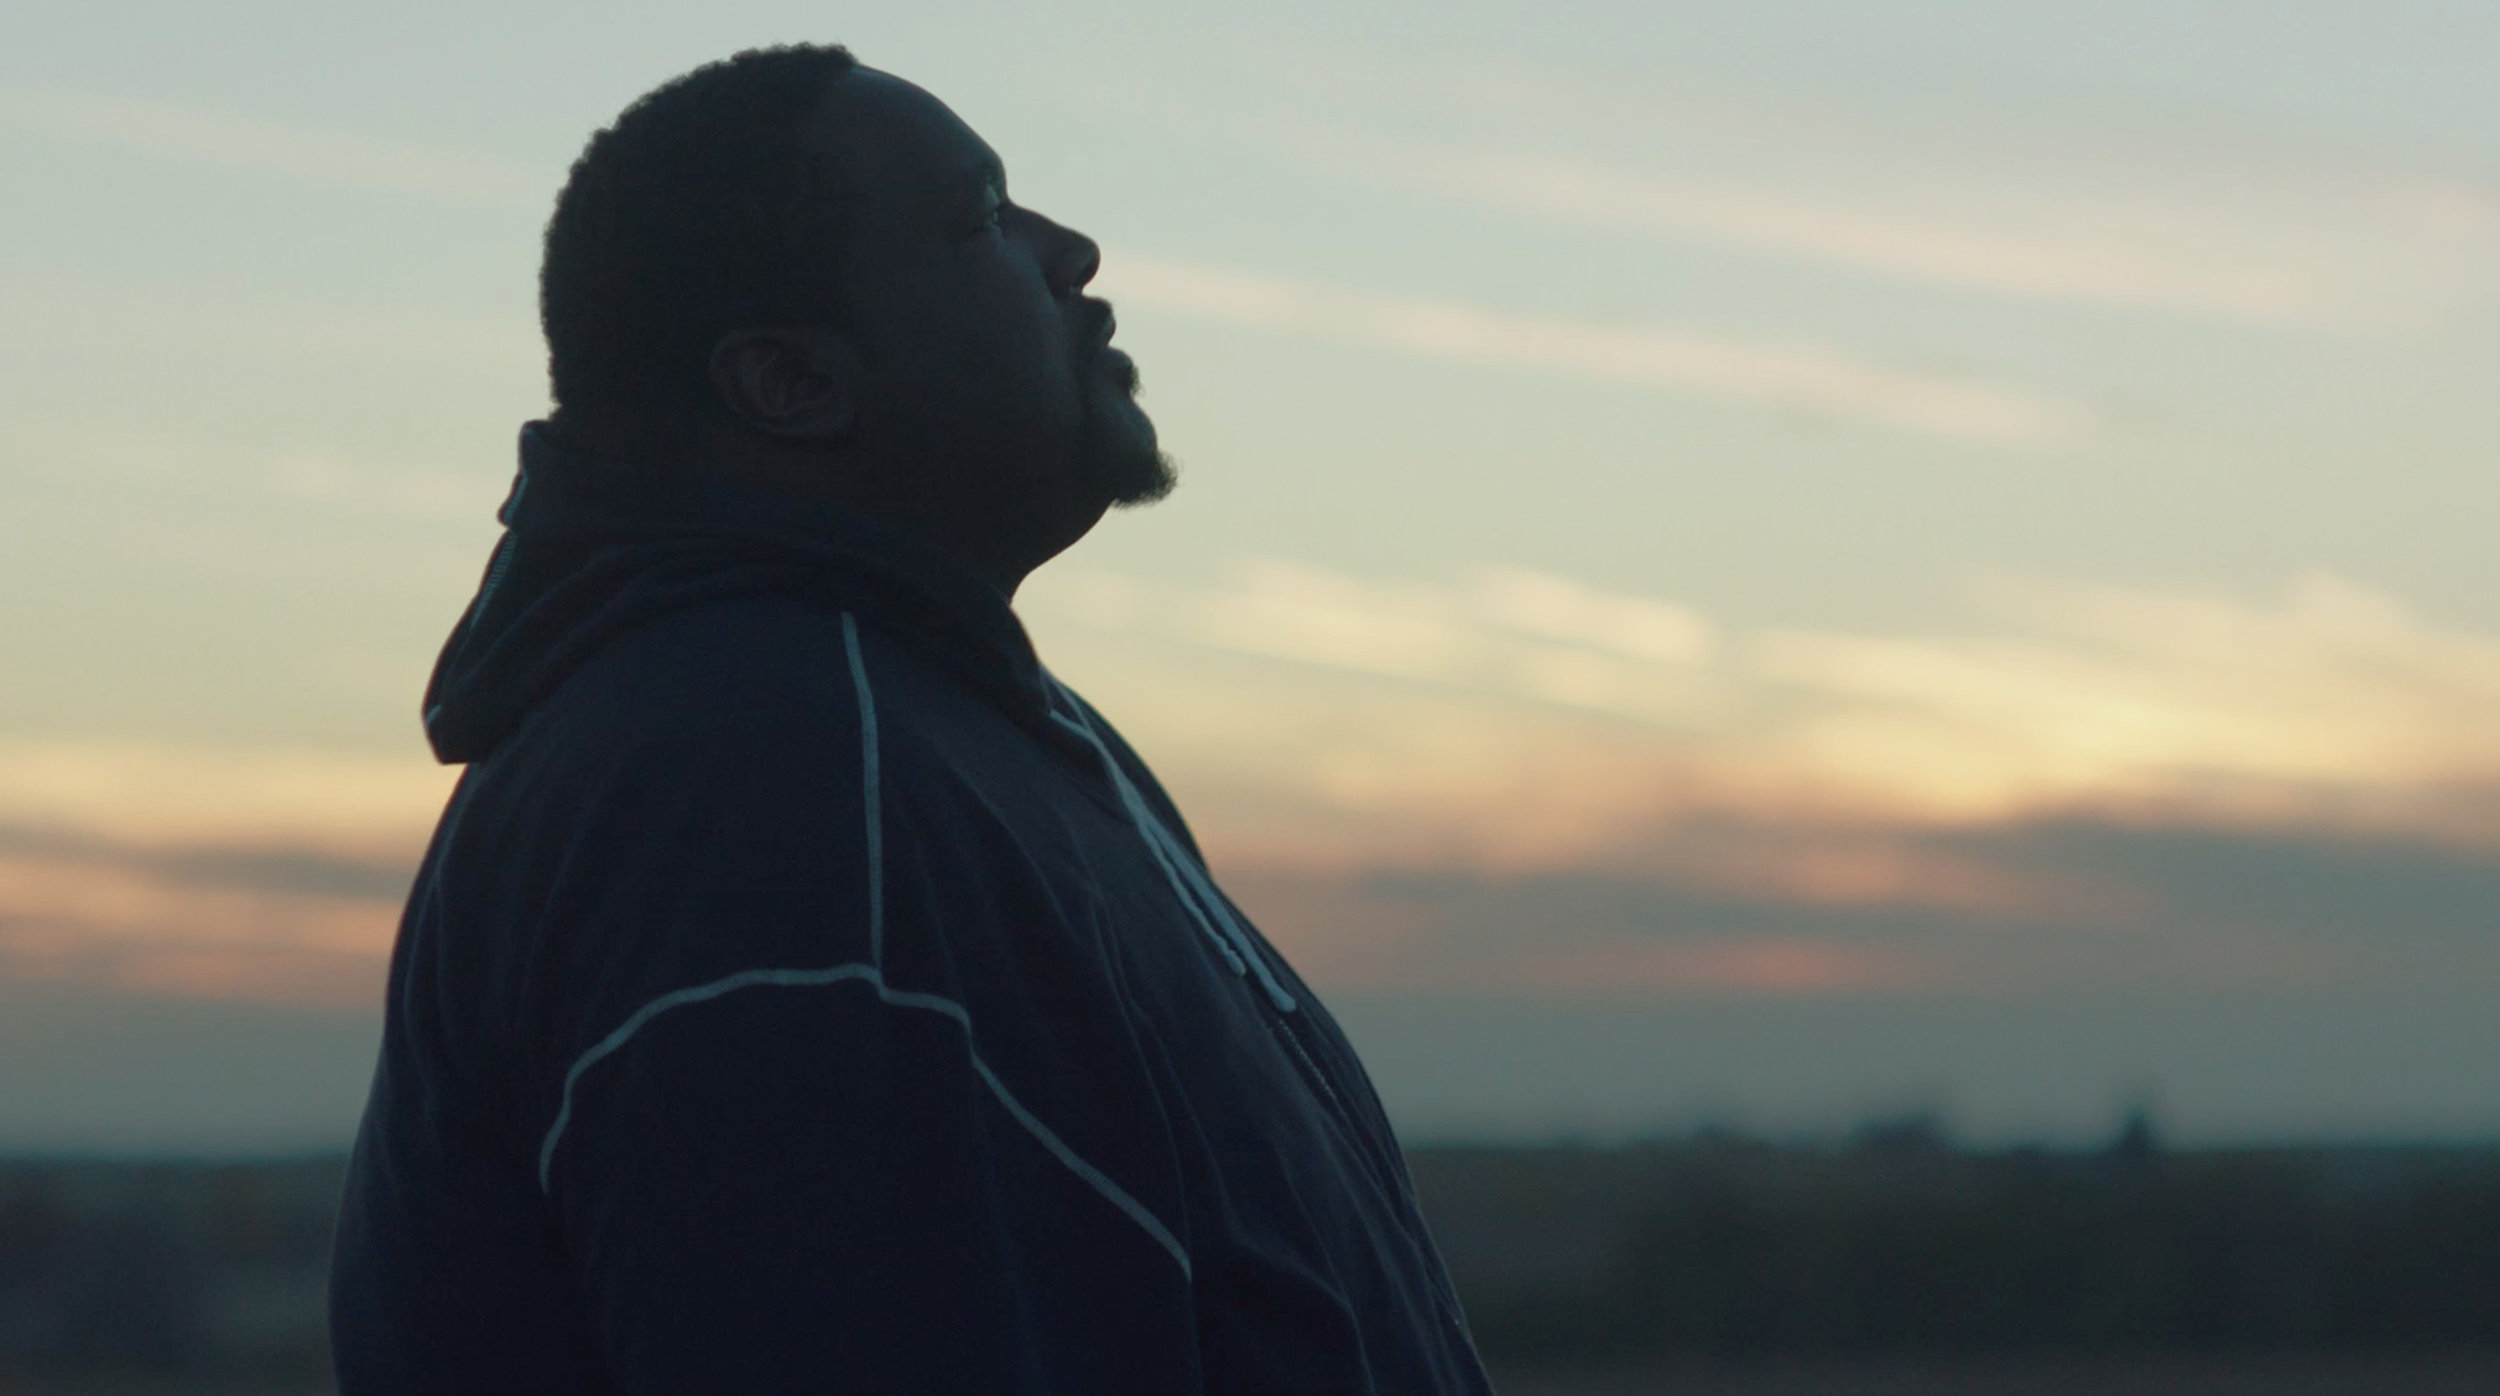 Quinton Aaron in Halfway, directed by Ben Caird